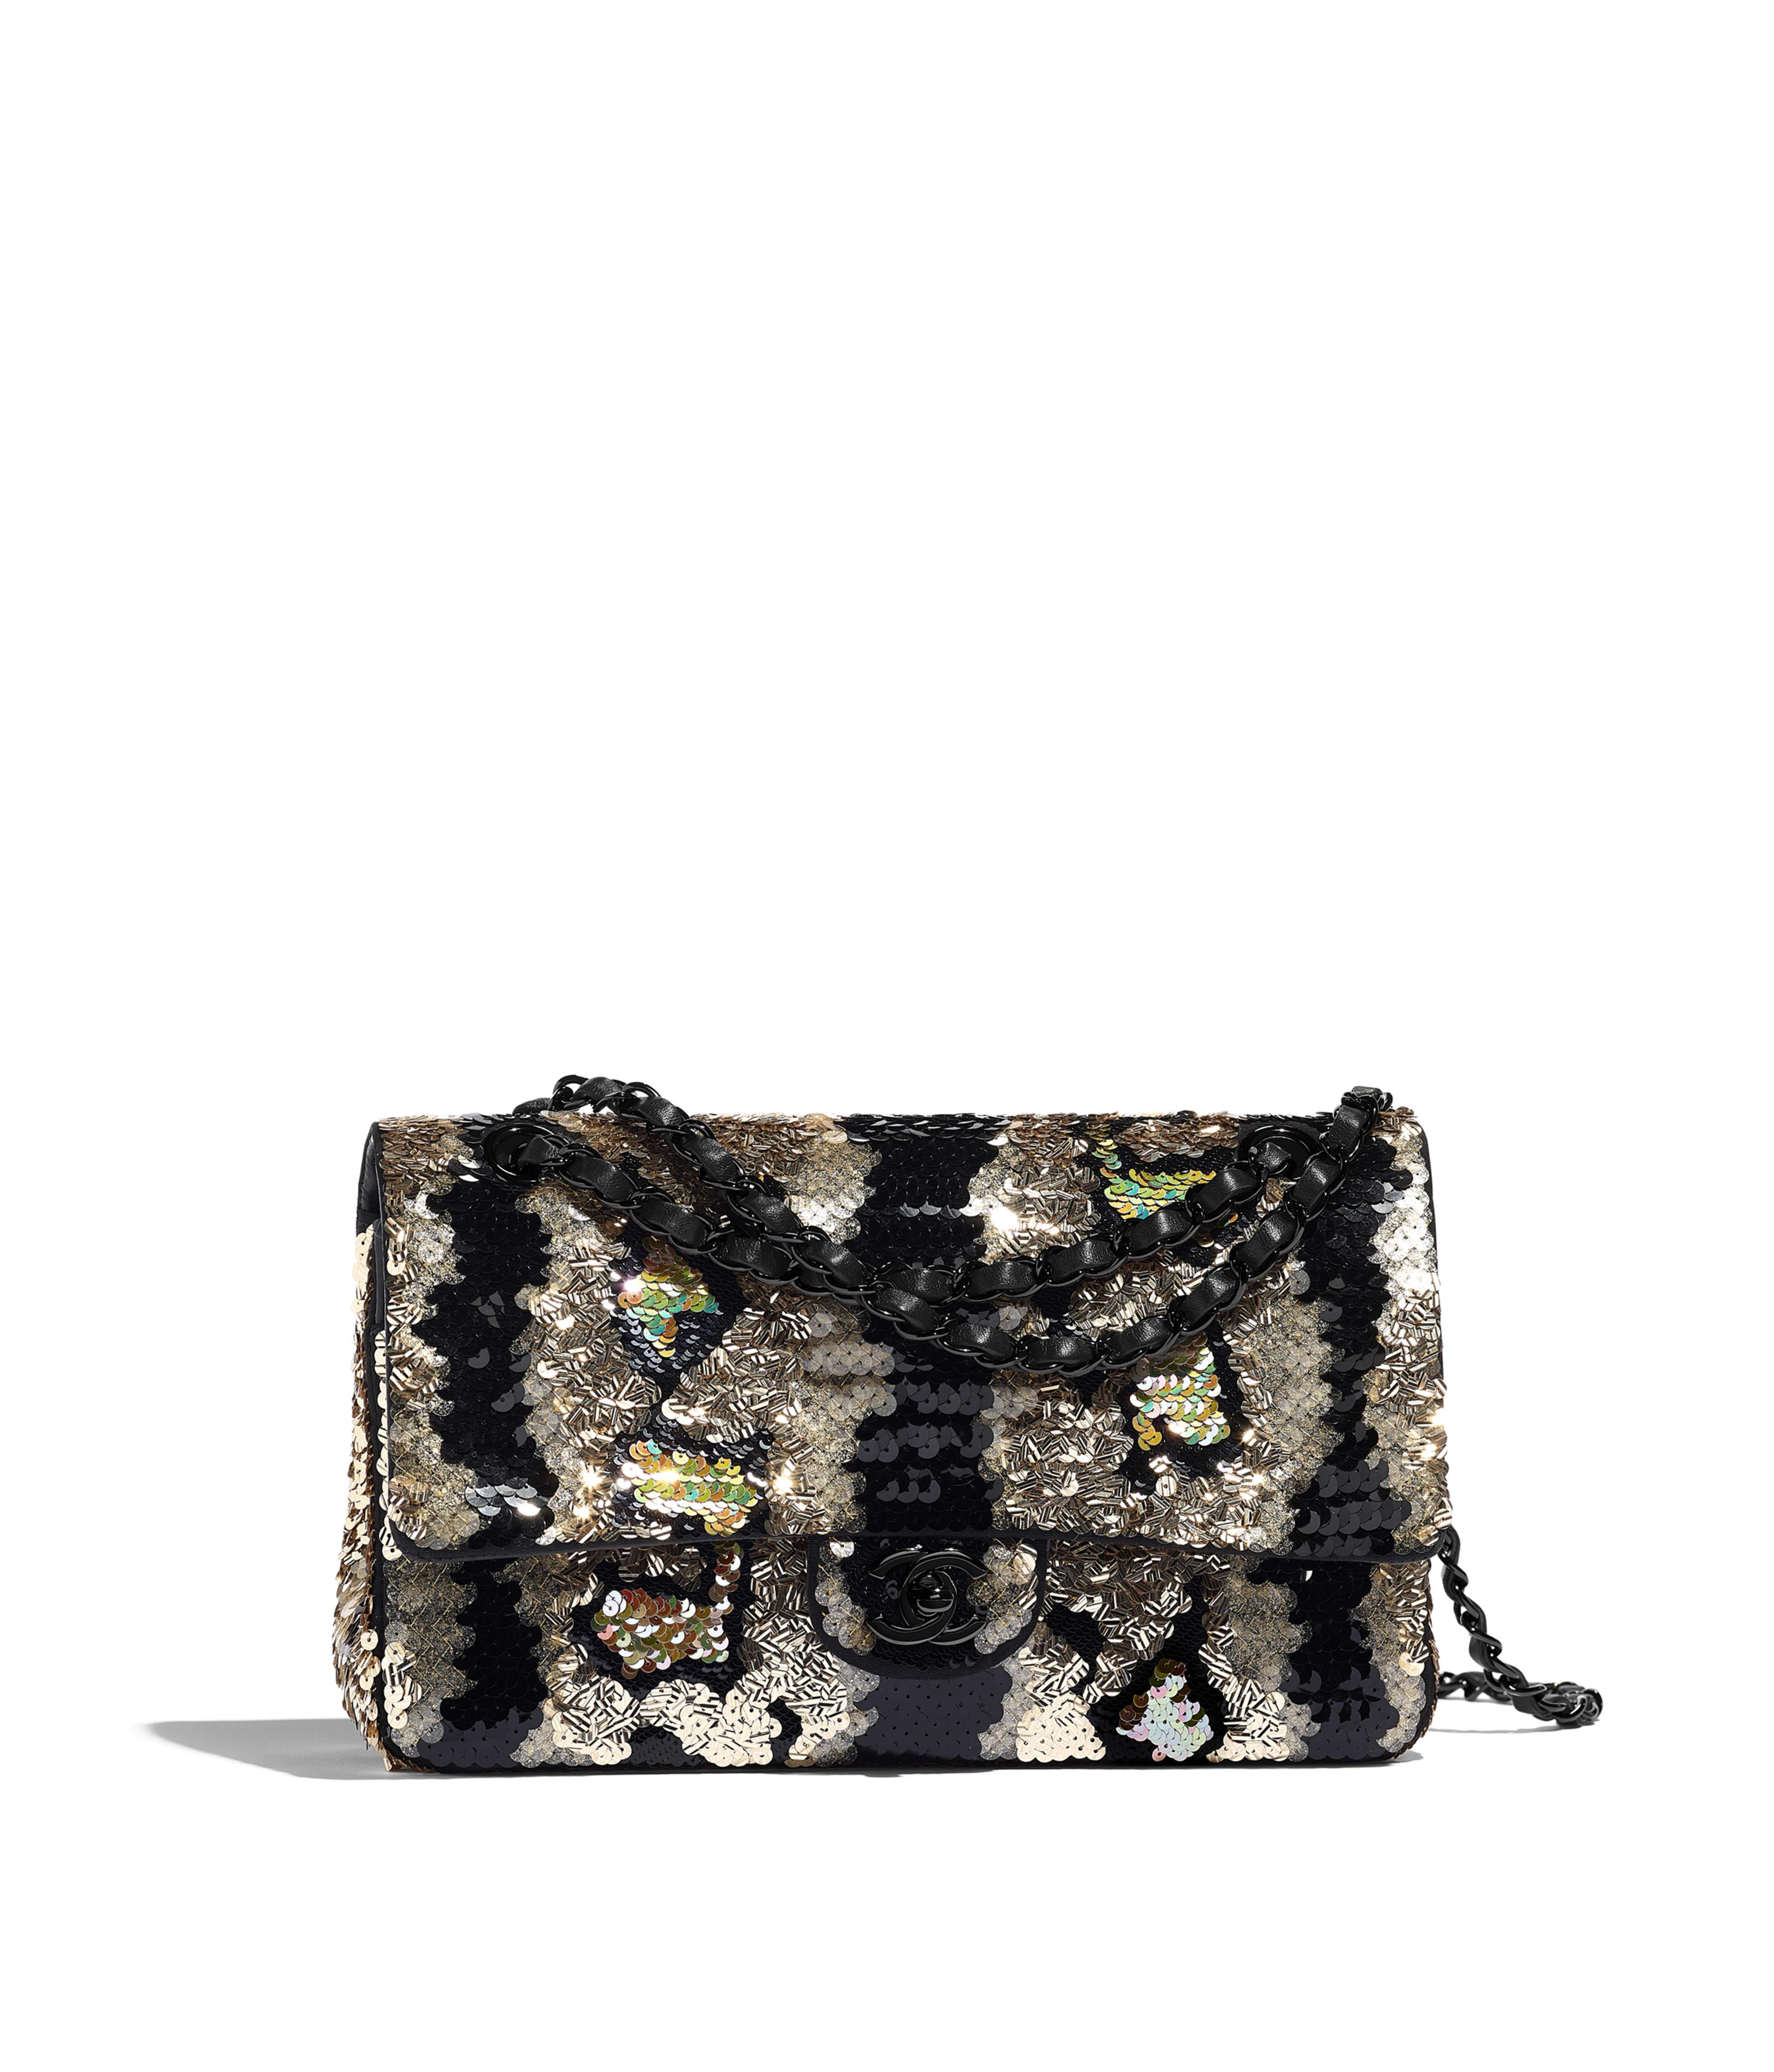 41da261c6000 Classic Handbag Sequins & Black Metal, Gold & Black Ref. A01112B01035N4738